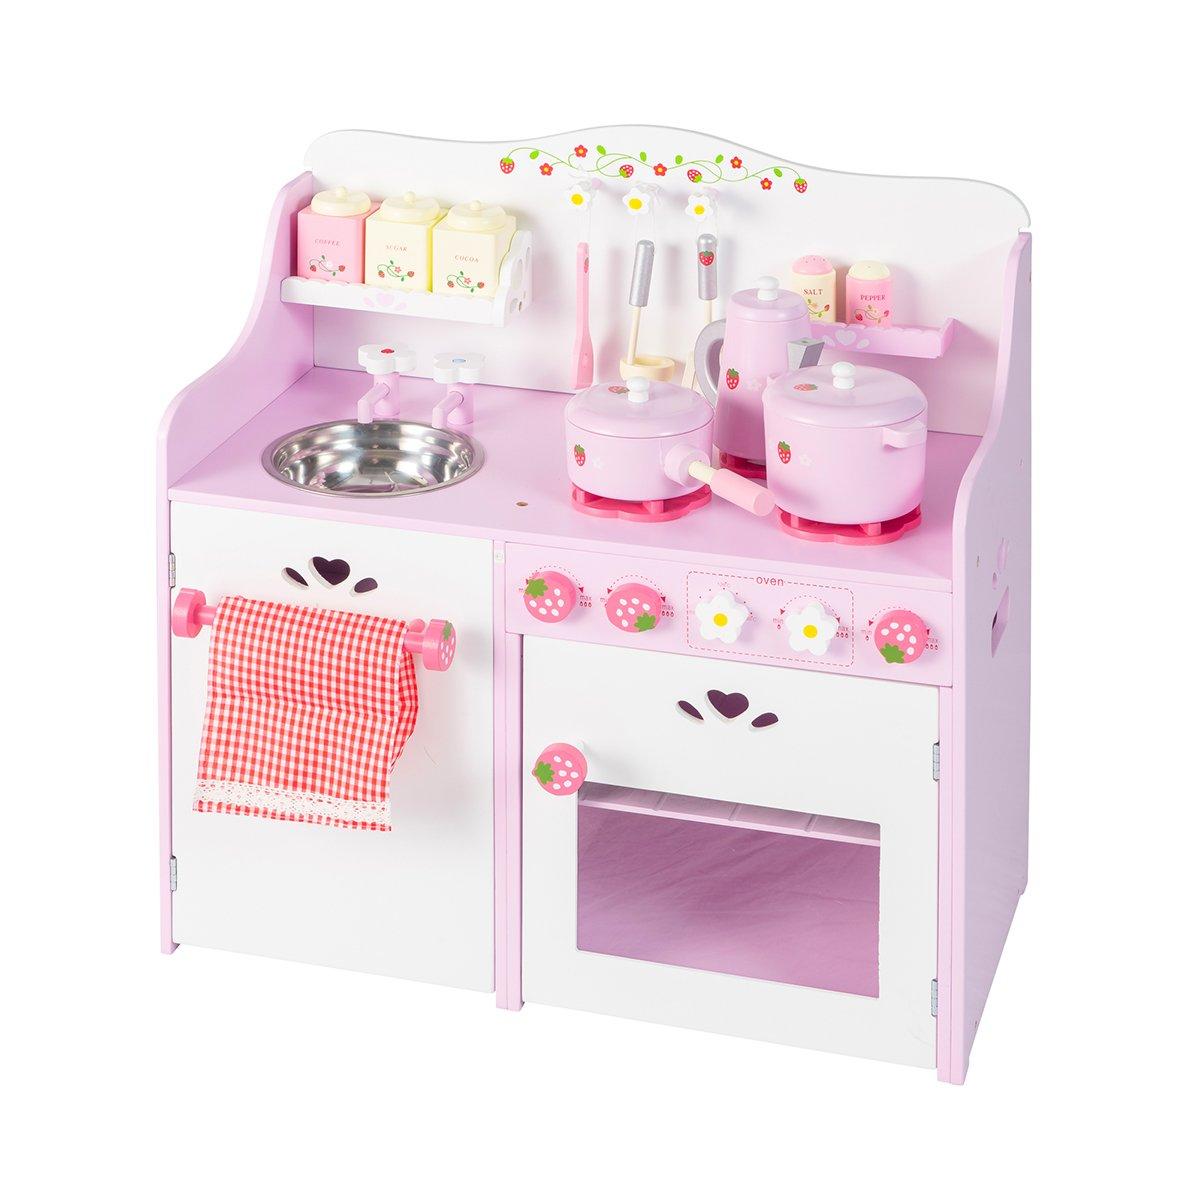 エンジョイPretend Kids料理キッチンプレイセット幼児用おもちゃセットwithアクセサリー   B075XMQLR7